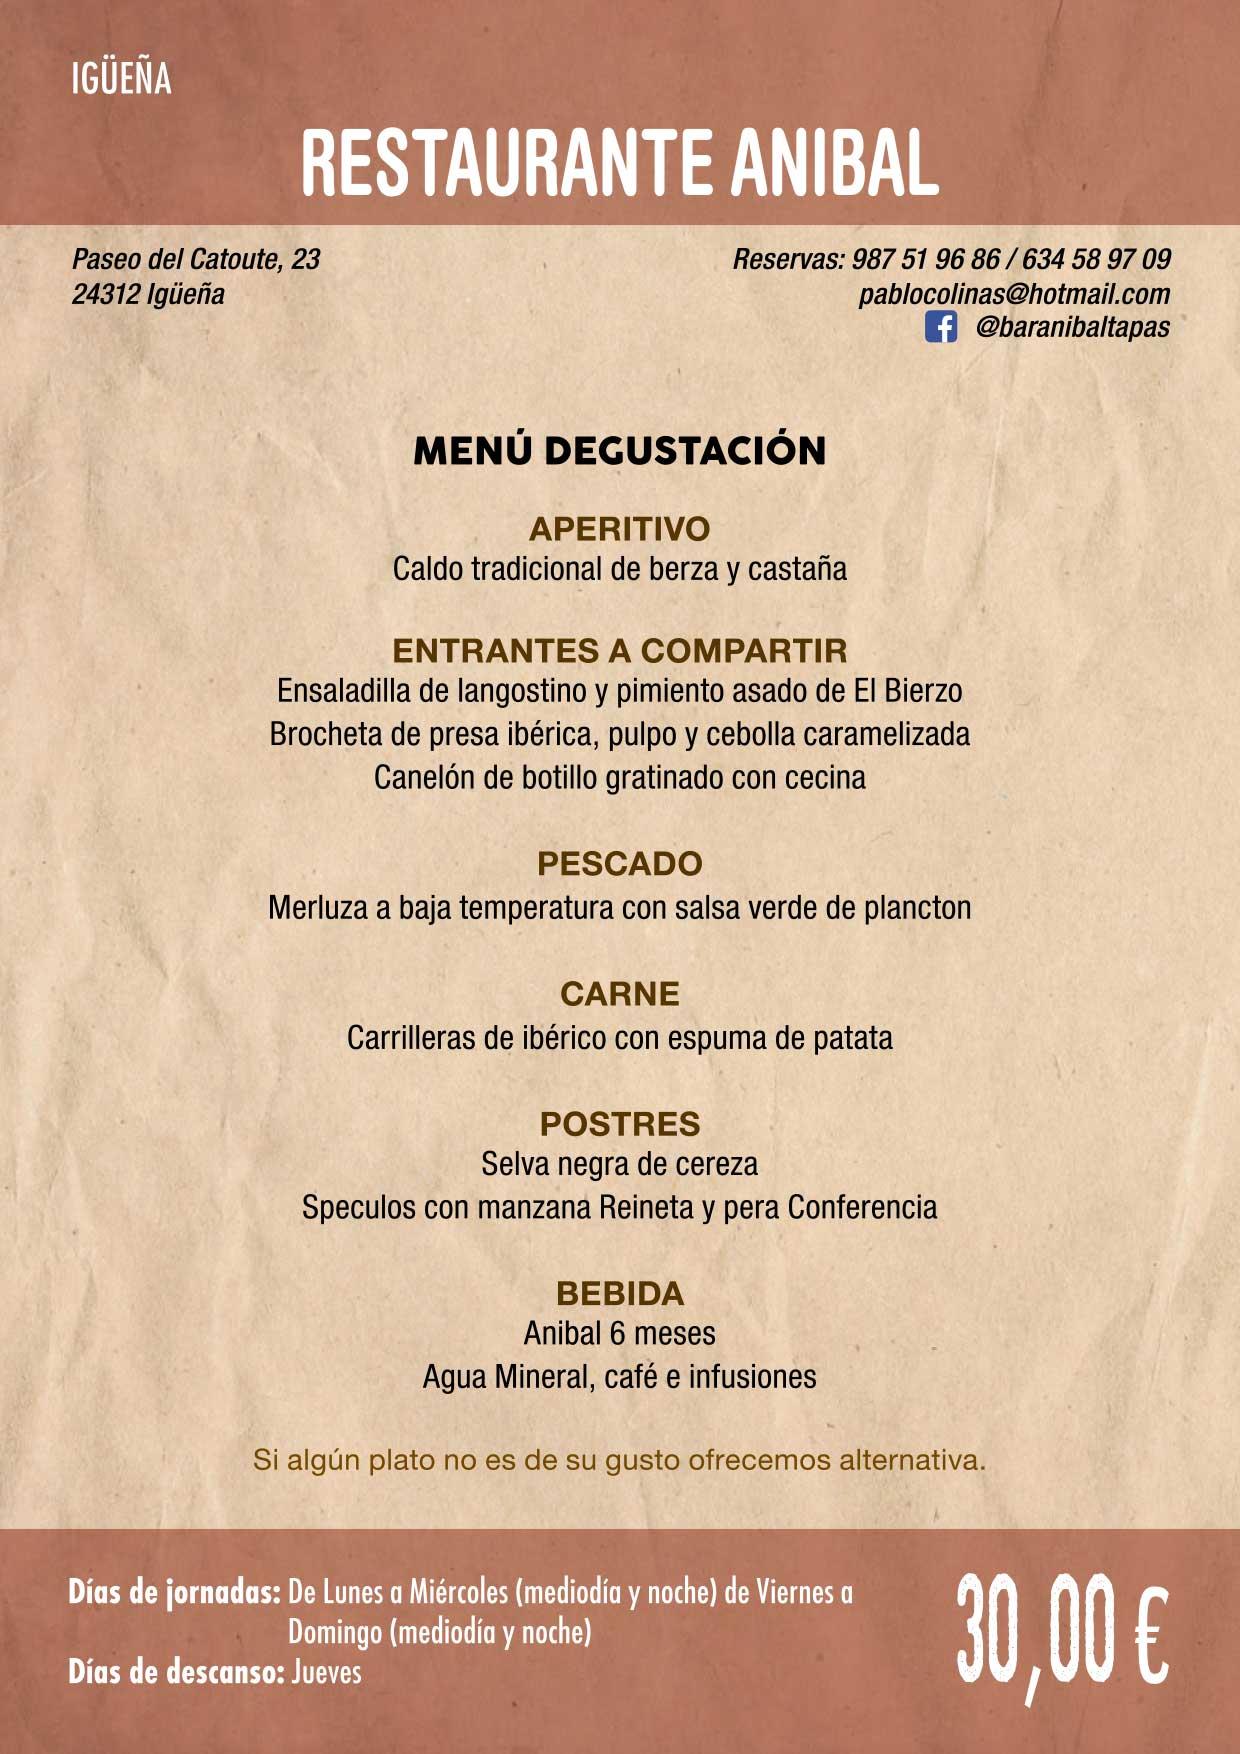 XXXVI Jornadas Gastronómicas De El Bierzo 2020. Consulta los restaurantes y menús 6